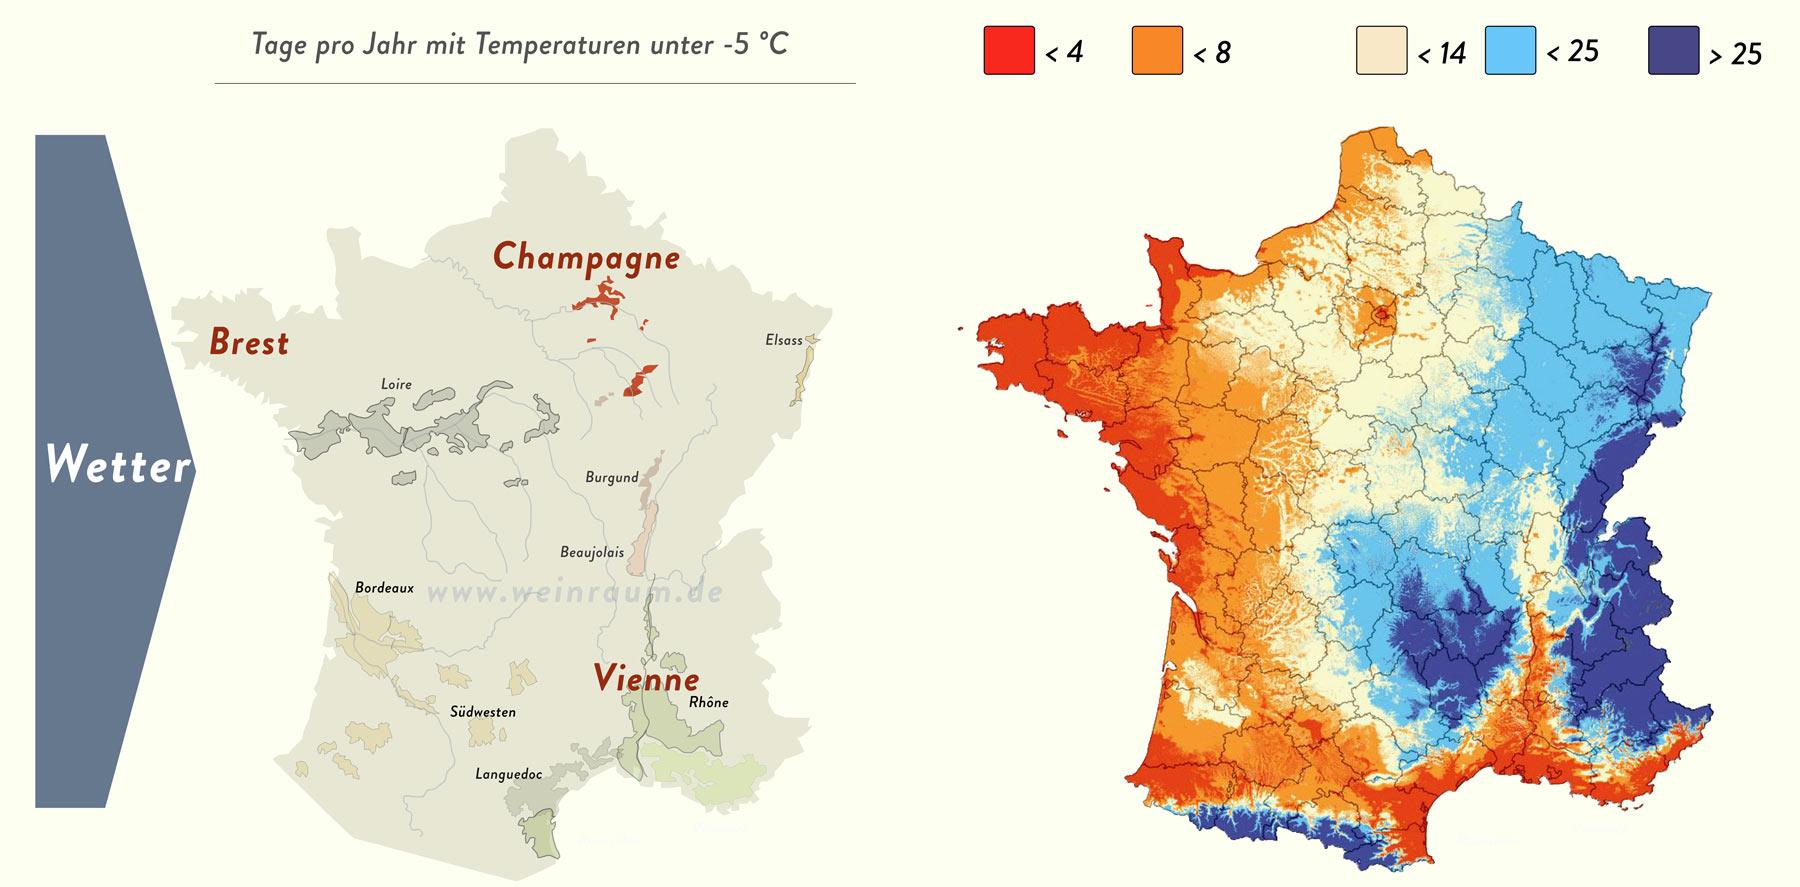 Das Wetter in der Champagne kommt aus dem Westen